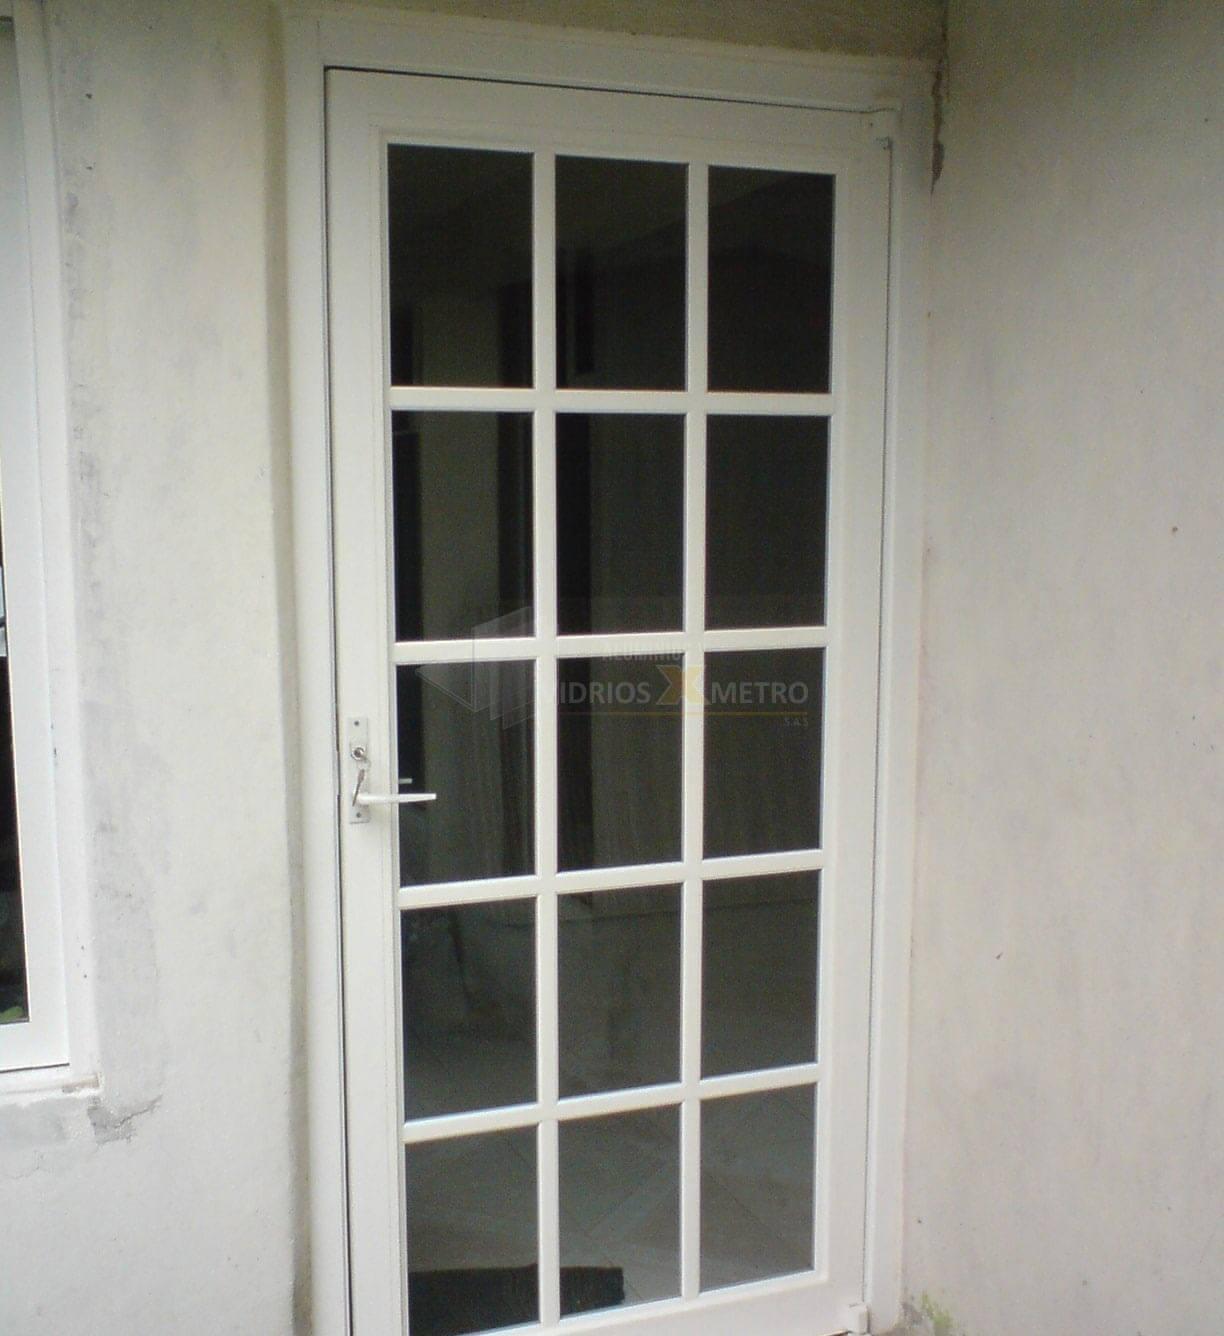 Puertas en aluminio y o vidrio vidrios x metro s a s - Puerta de aluminio y vidrio ...